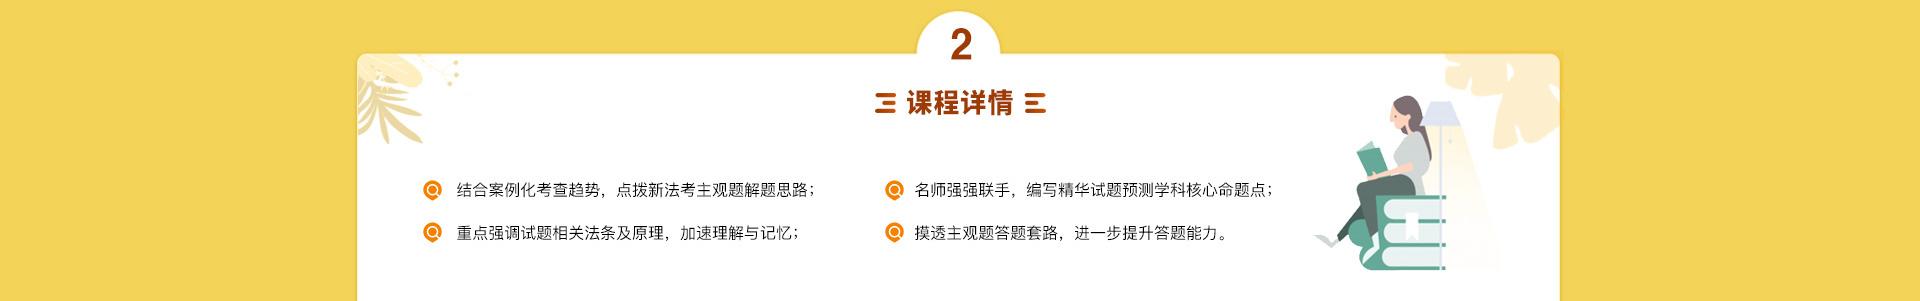 PCxiangqing_05.jpg